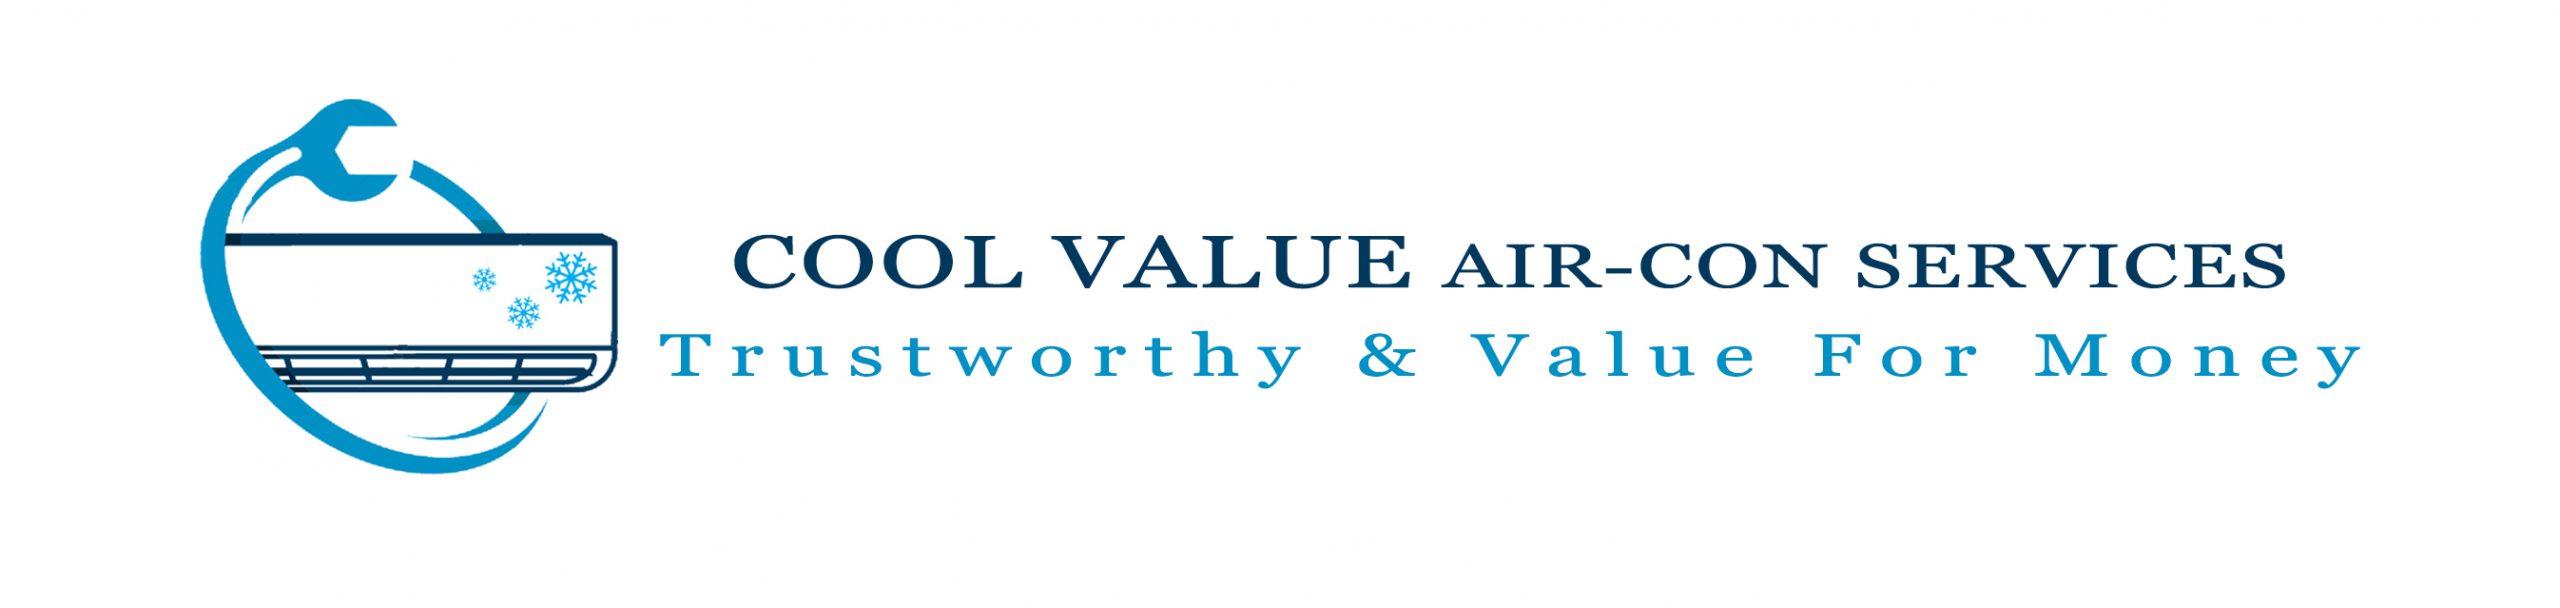 coolvalue logo